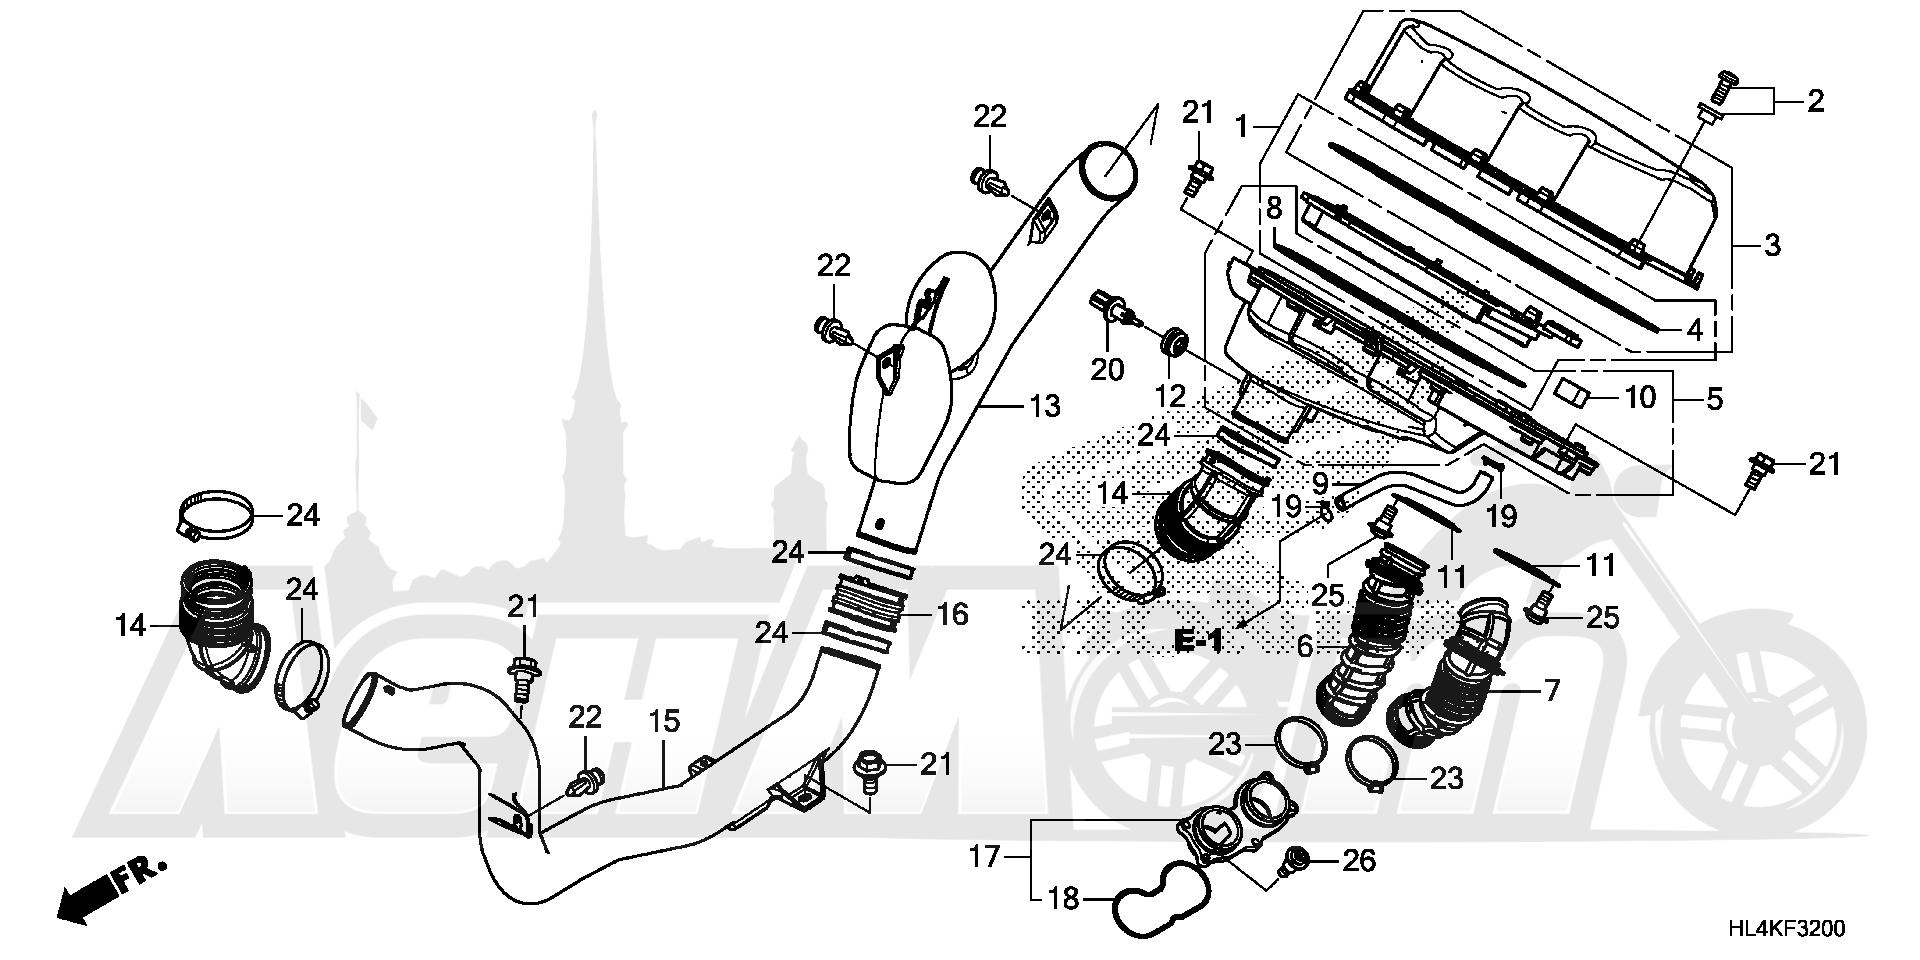 Запчасти для Квадроцикла Honda 2019 SXS1000M3P Раздел: AIR CLEANER | очиститель воздуха